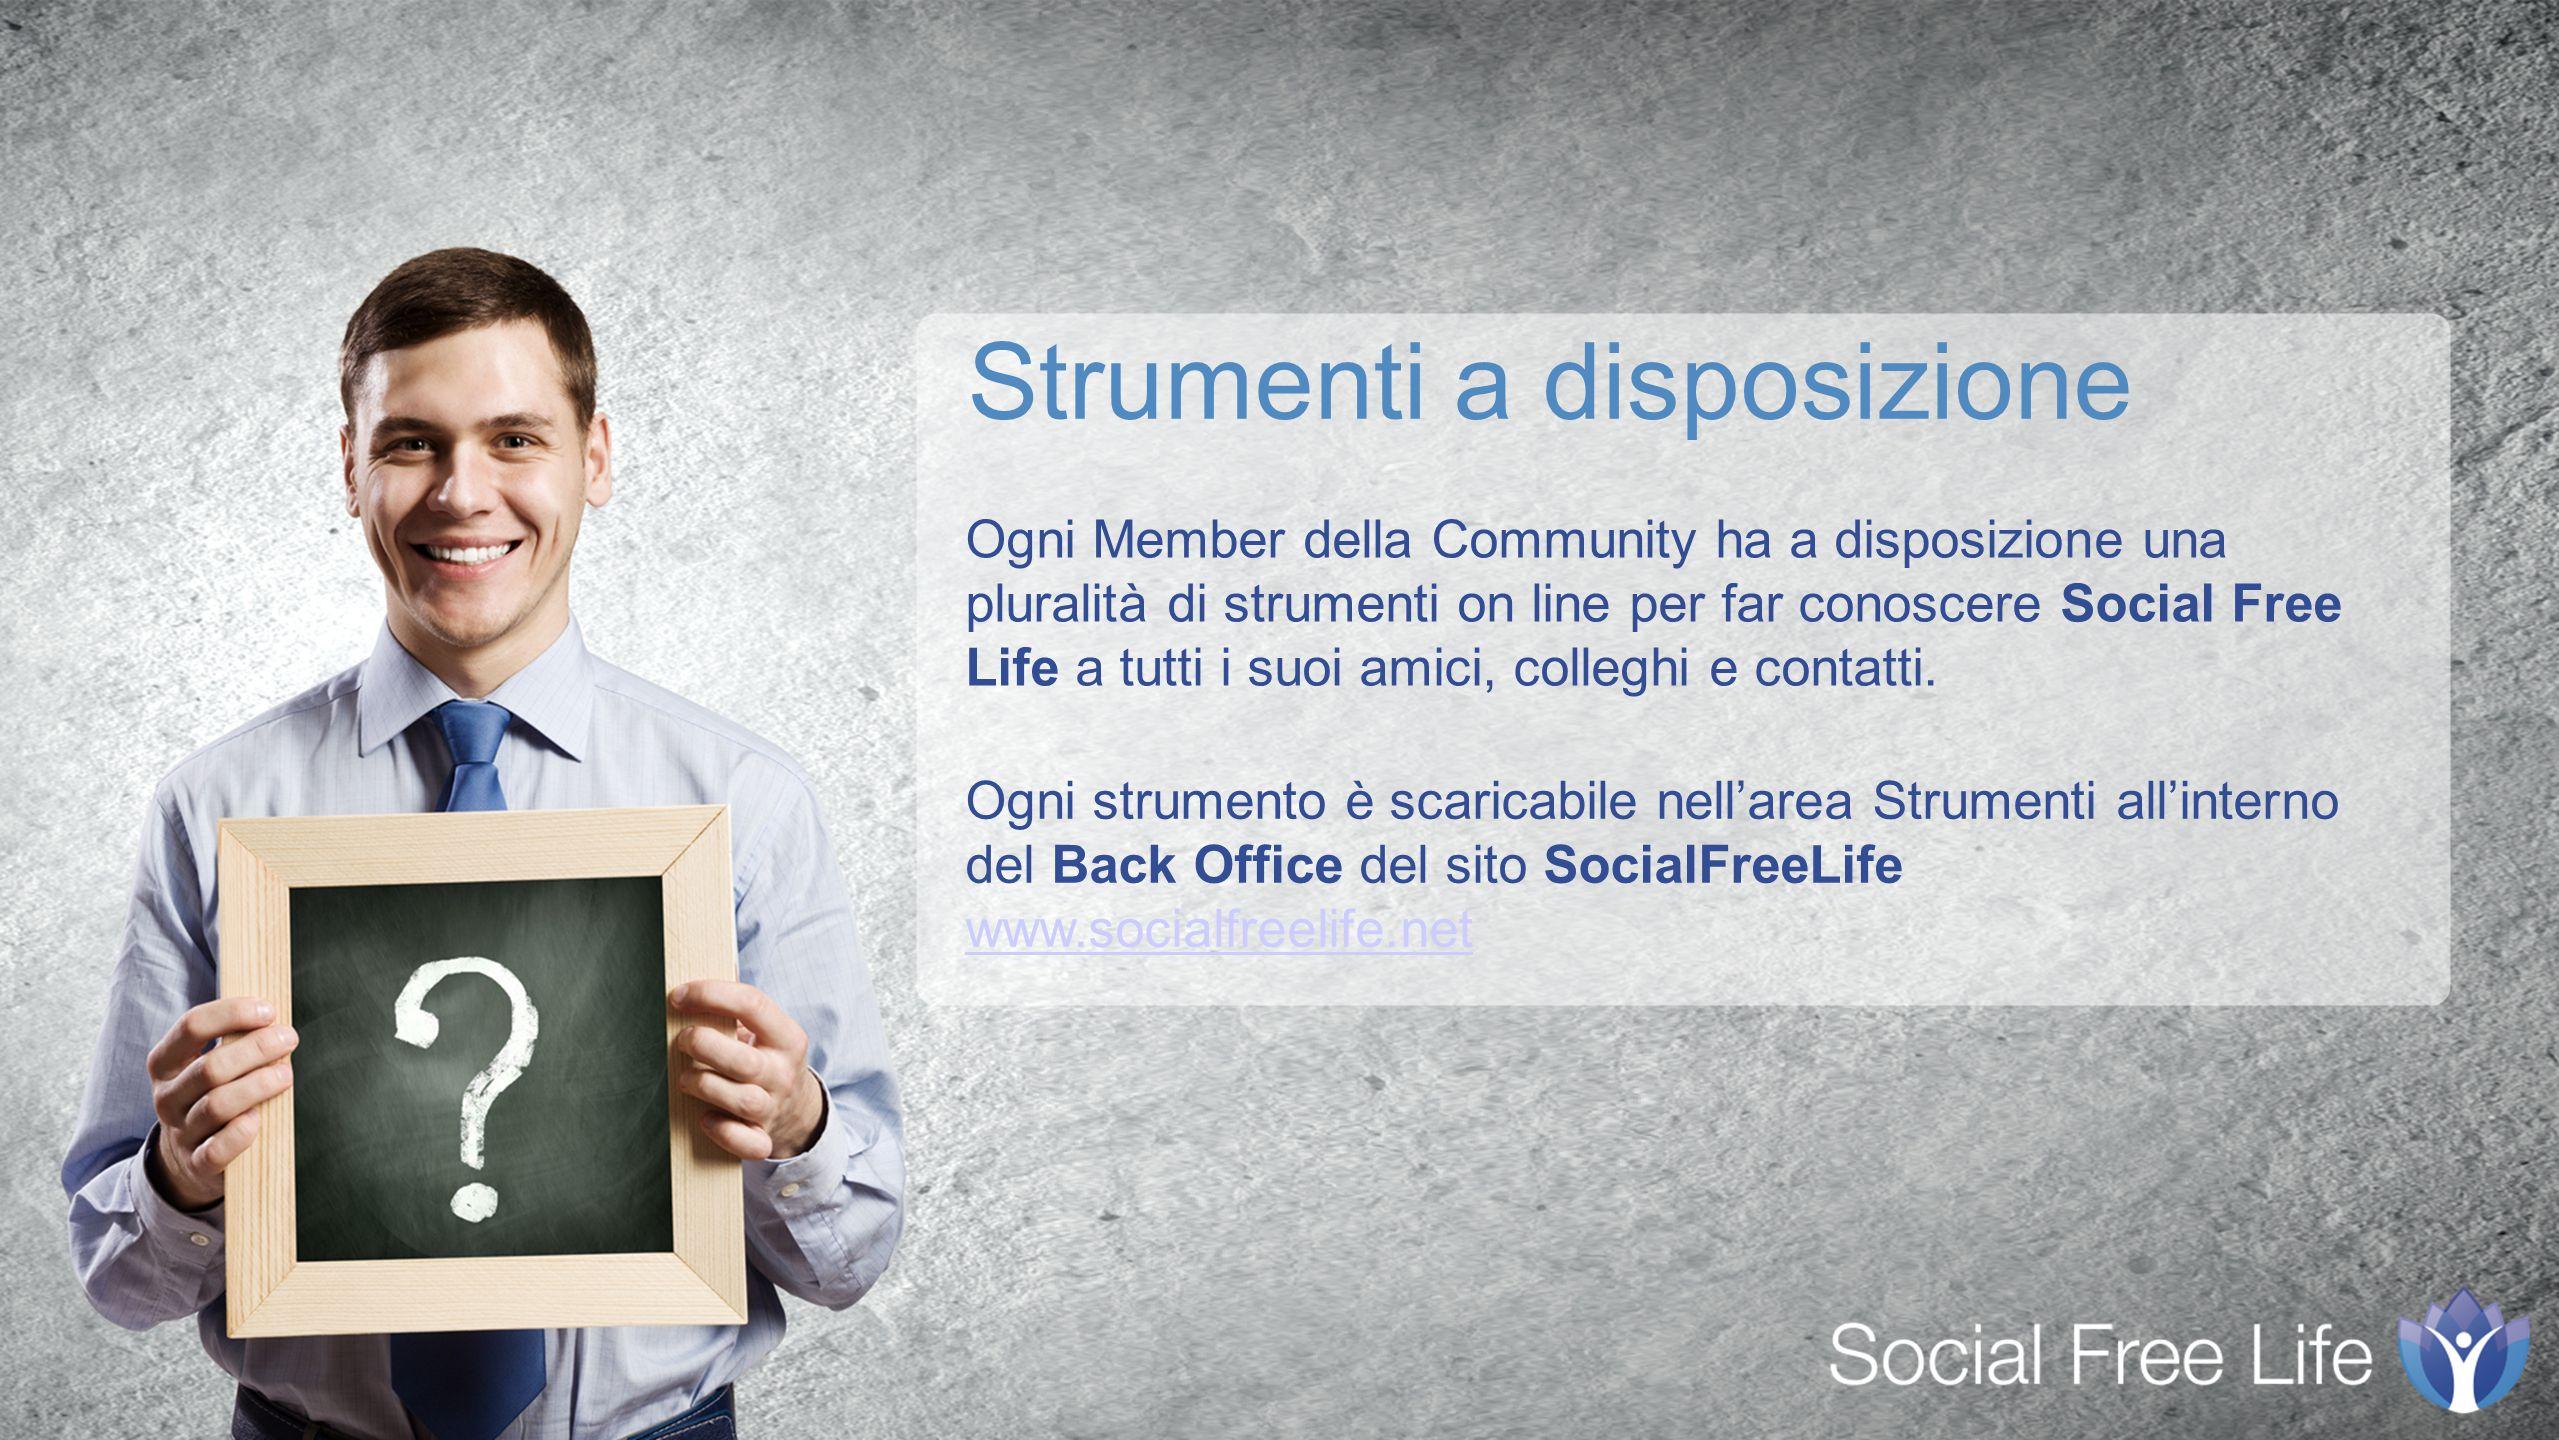 Ogni Member della Community ha a disposizione una pluralità di strumenti on line per far conoscere Social Free Life a tutti i suoi amici, colleghi e contatti.